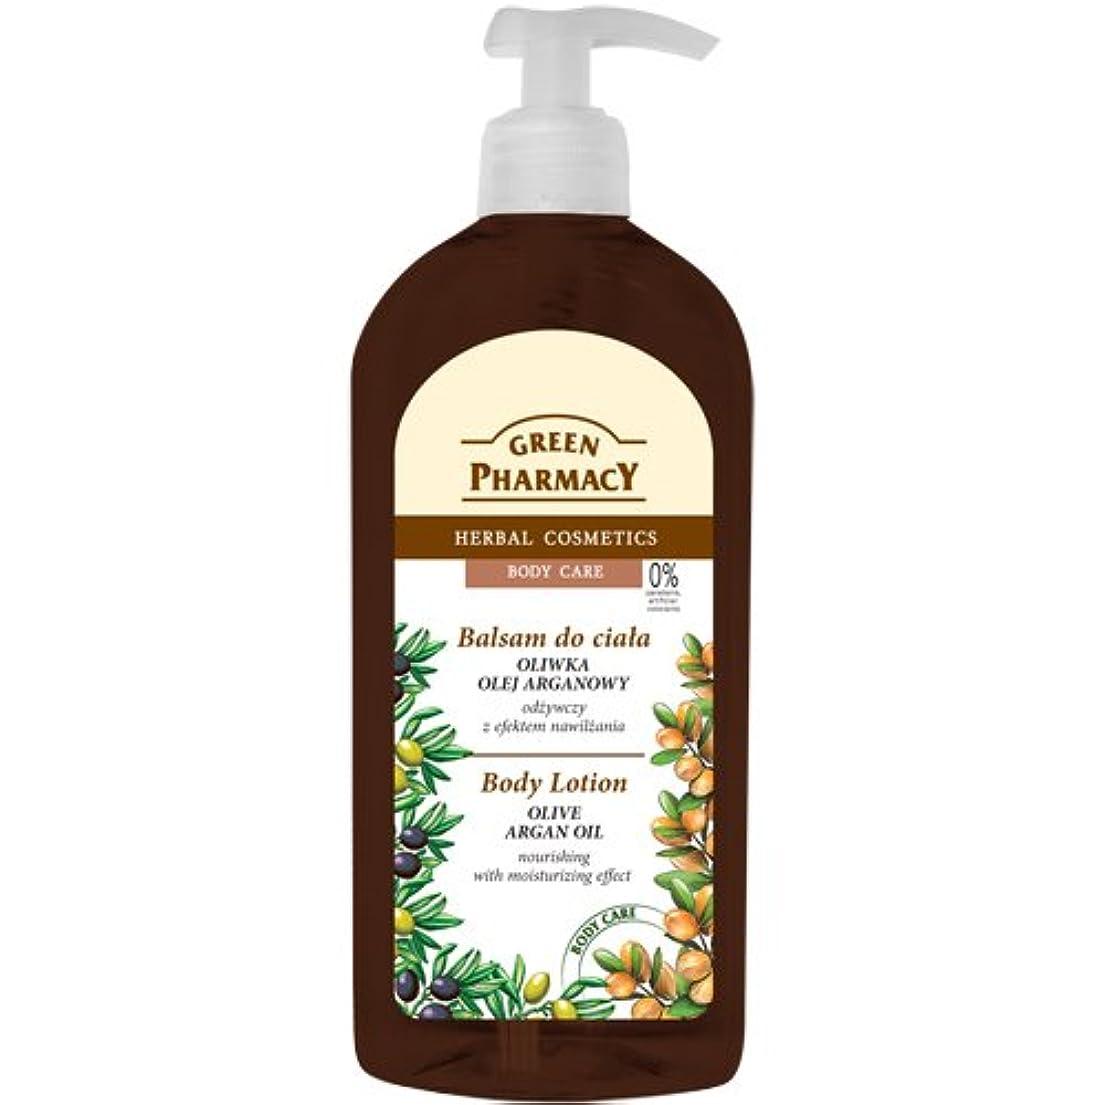 居住者飼い慣らす迷彩Elfa Pharm Green Pharmacy グリーンファーマシー Body Lotion ボディローション Olive Argan Oil